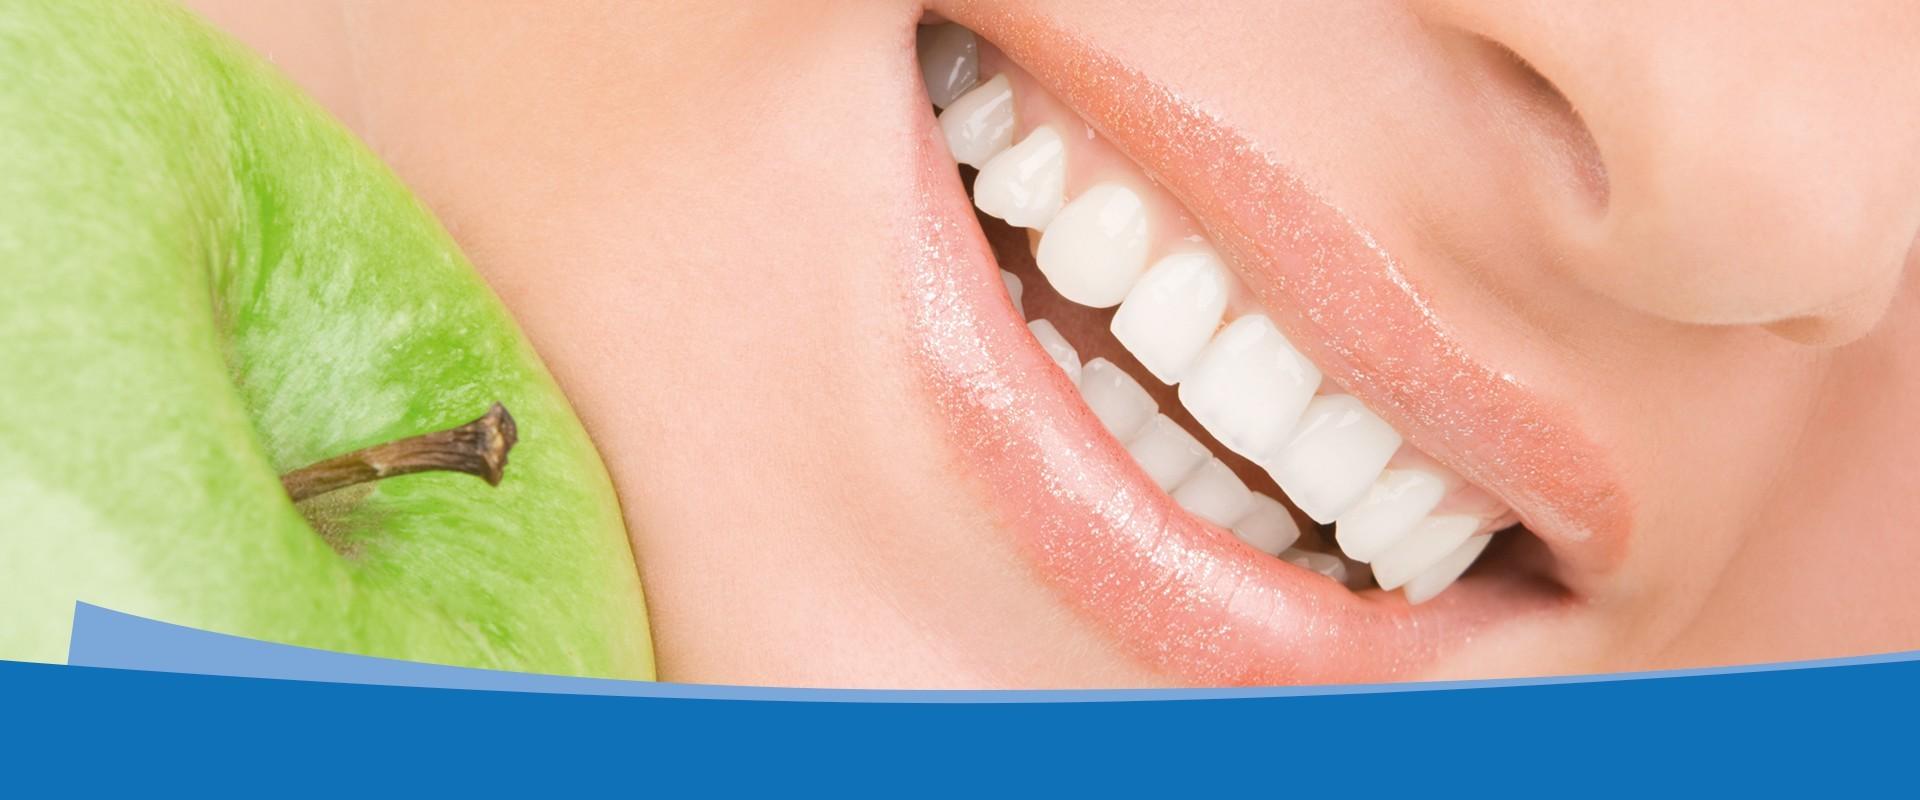 Когда начинают болеть зубы у беременных 8